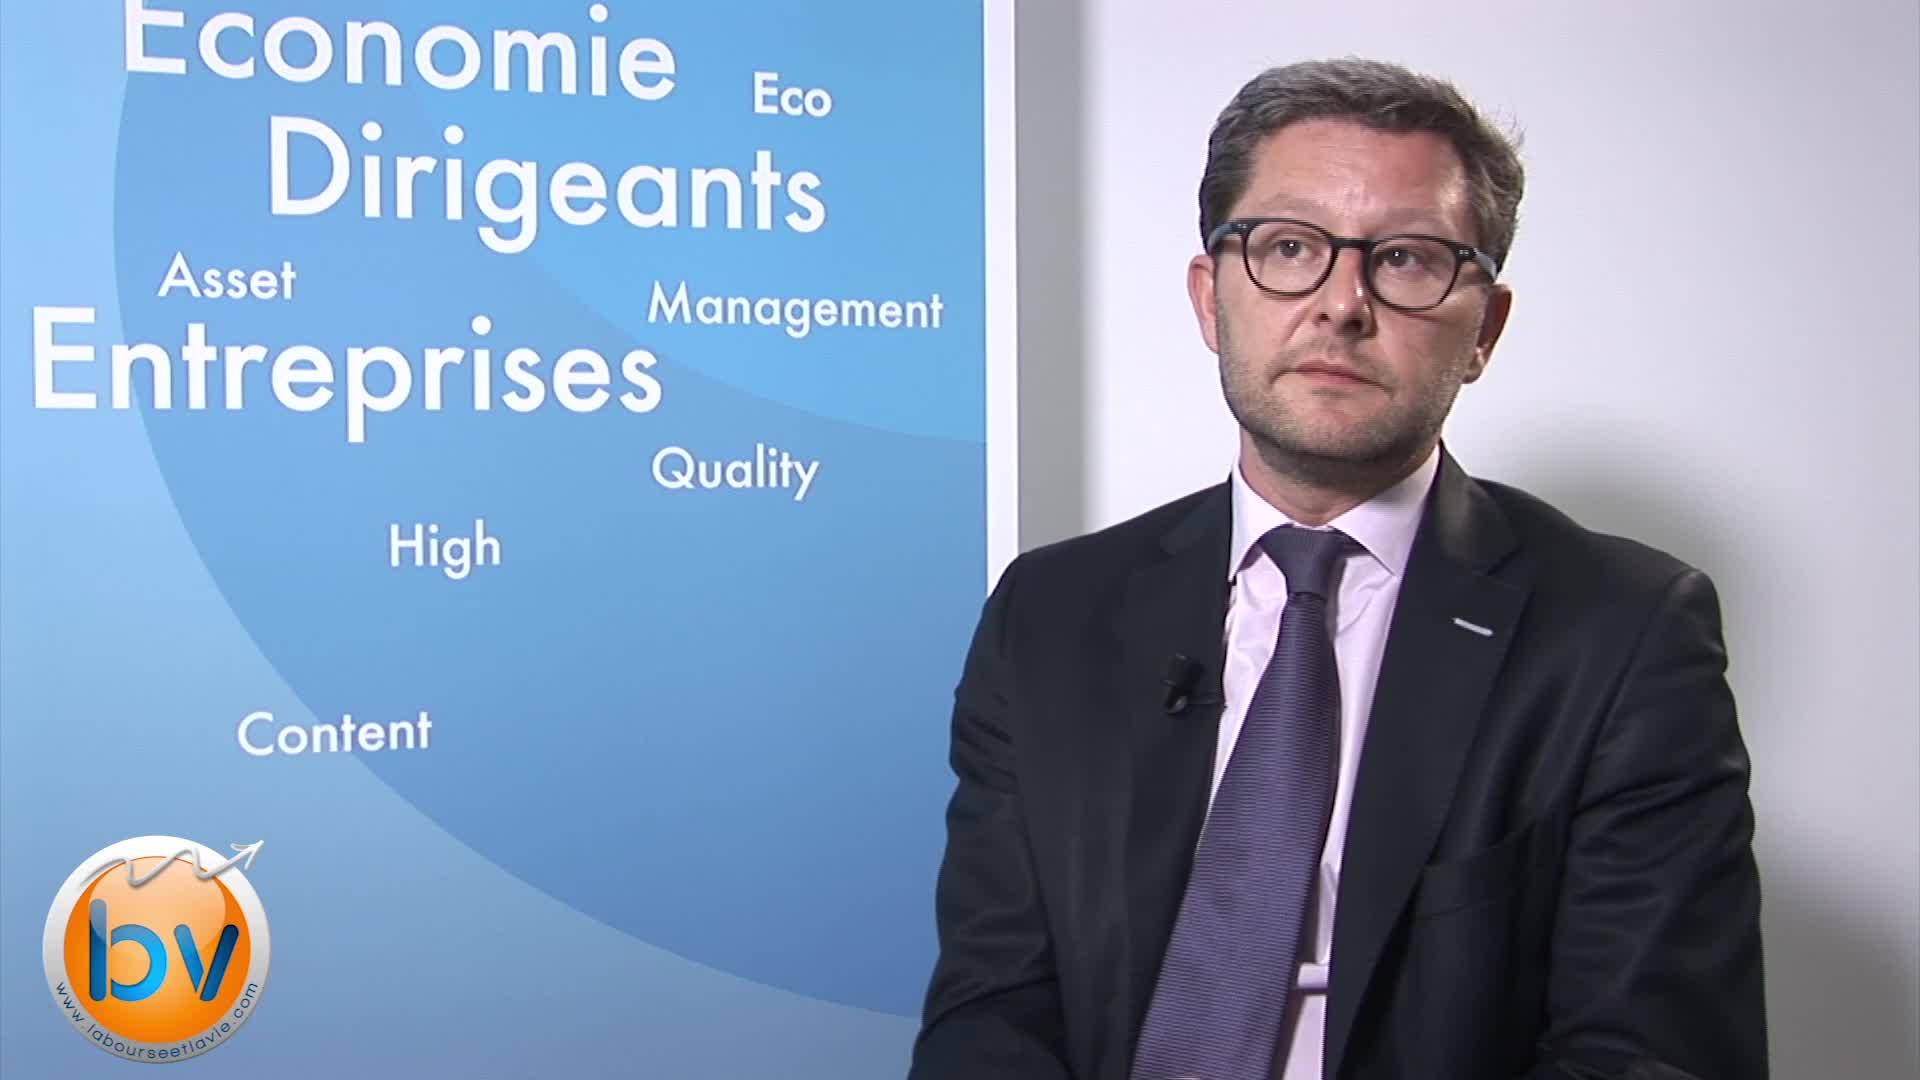 Stéphane Prévost Directeur Général La Financière Responsable : «La croissance en Europe va repartir»